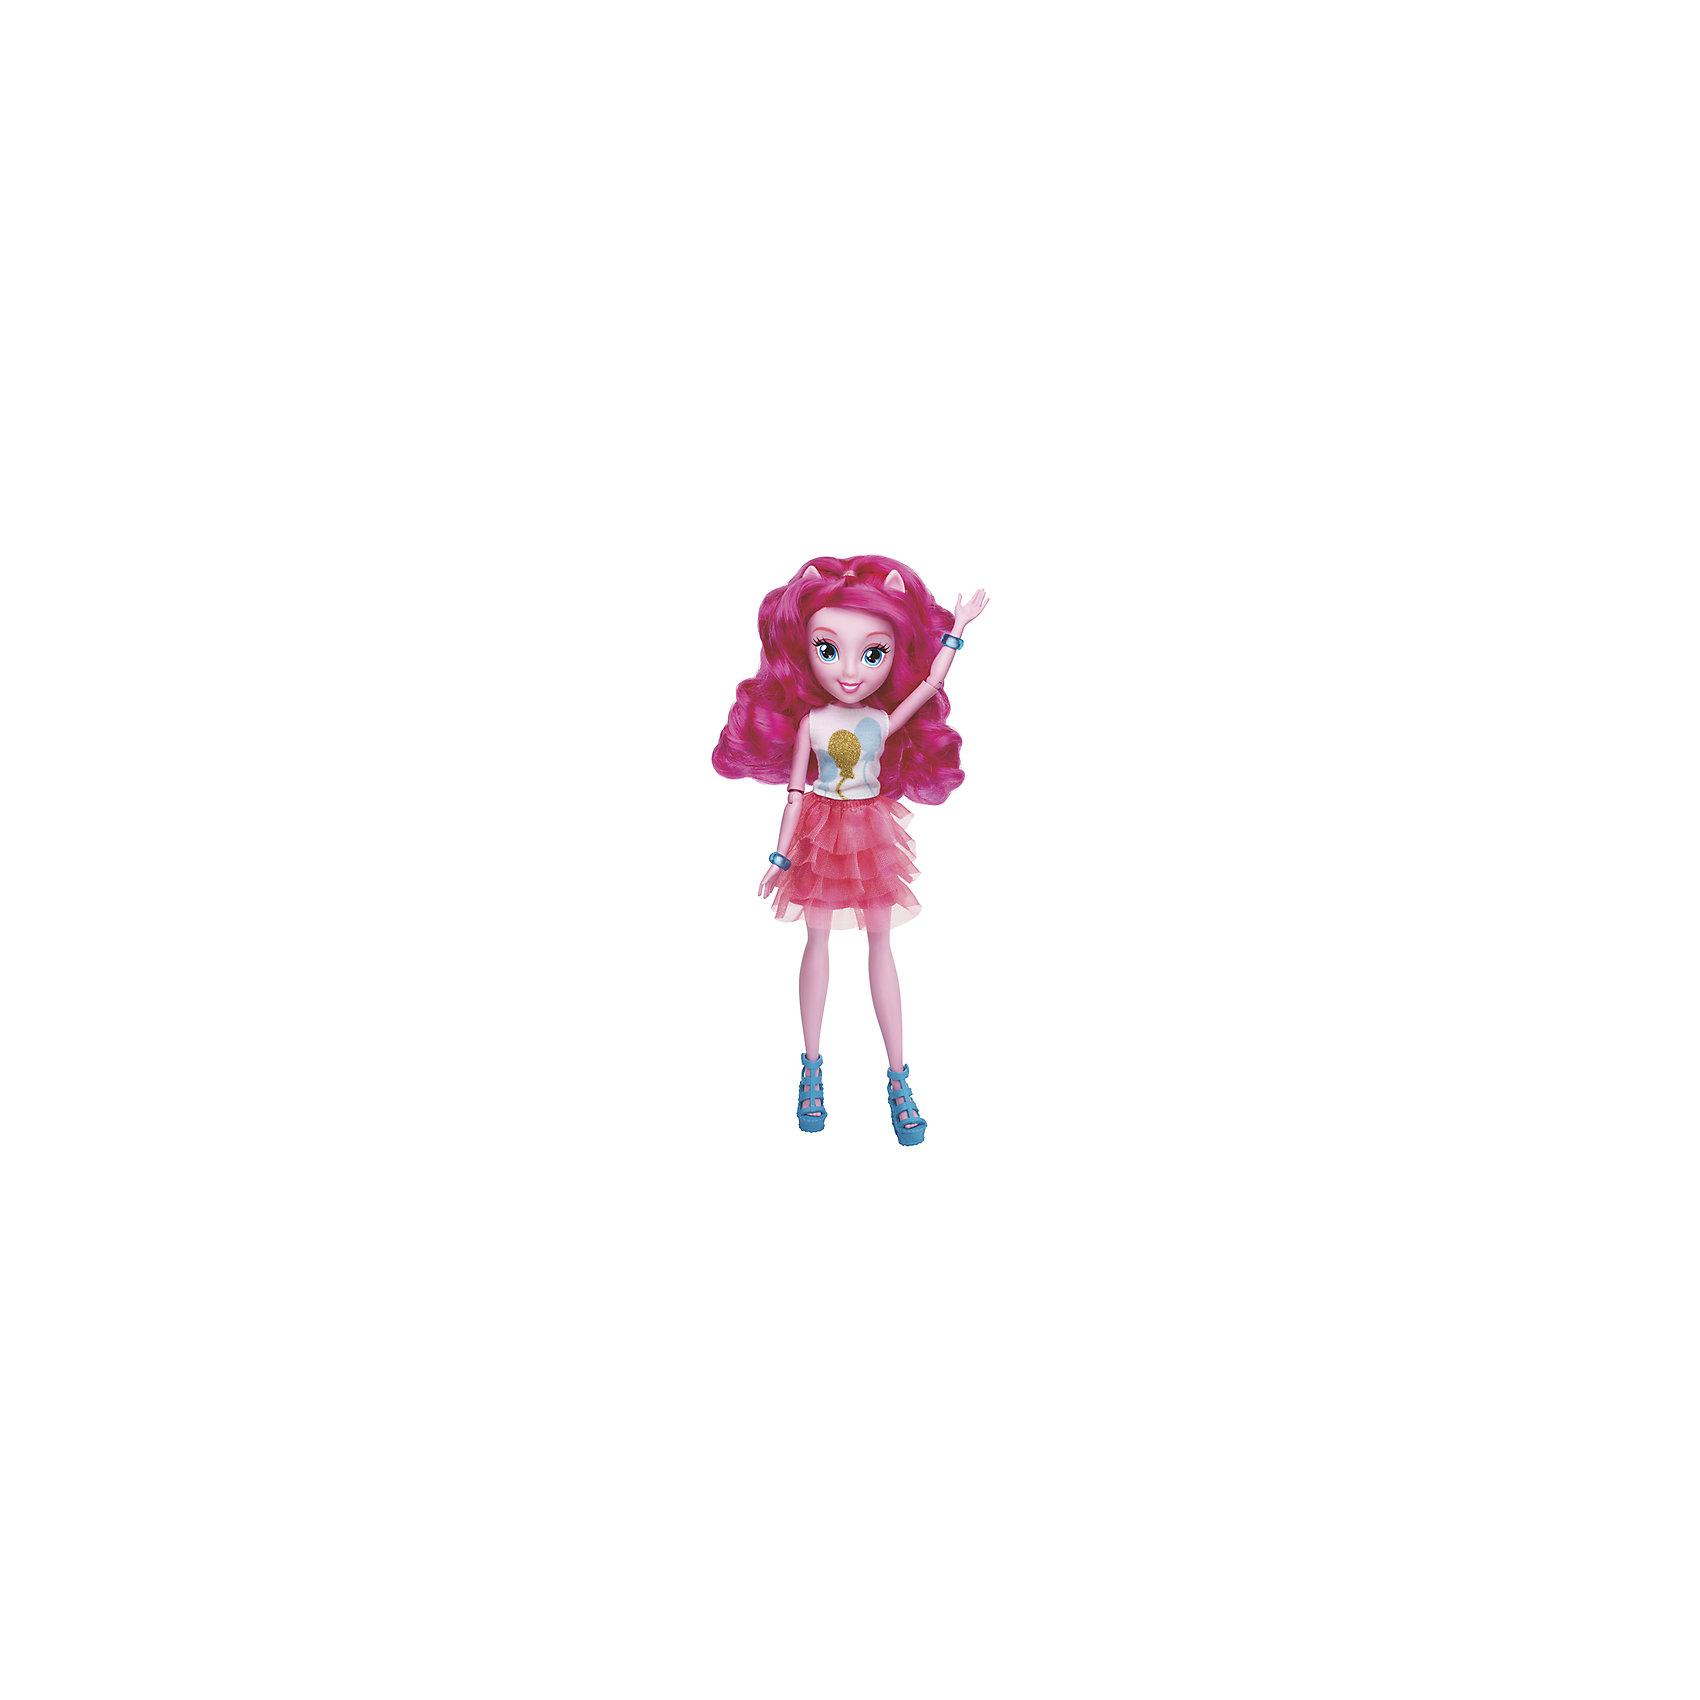 круг картинки куклы пинки пай все образы сгибатель для